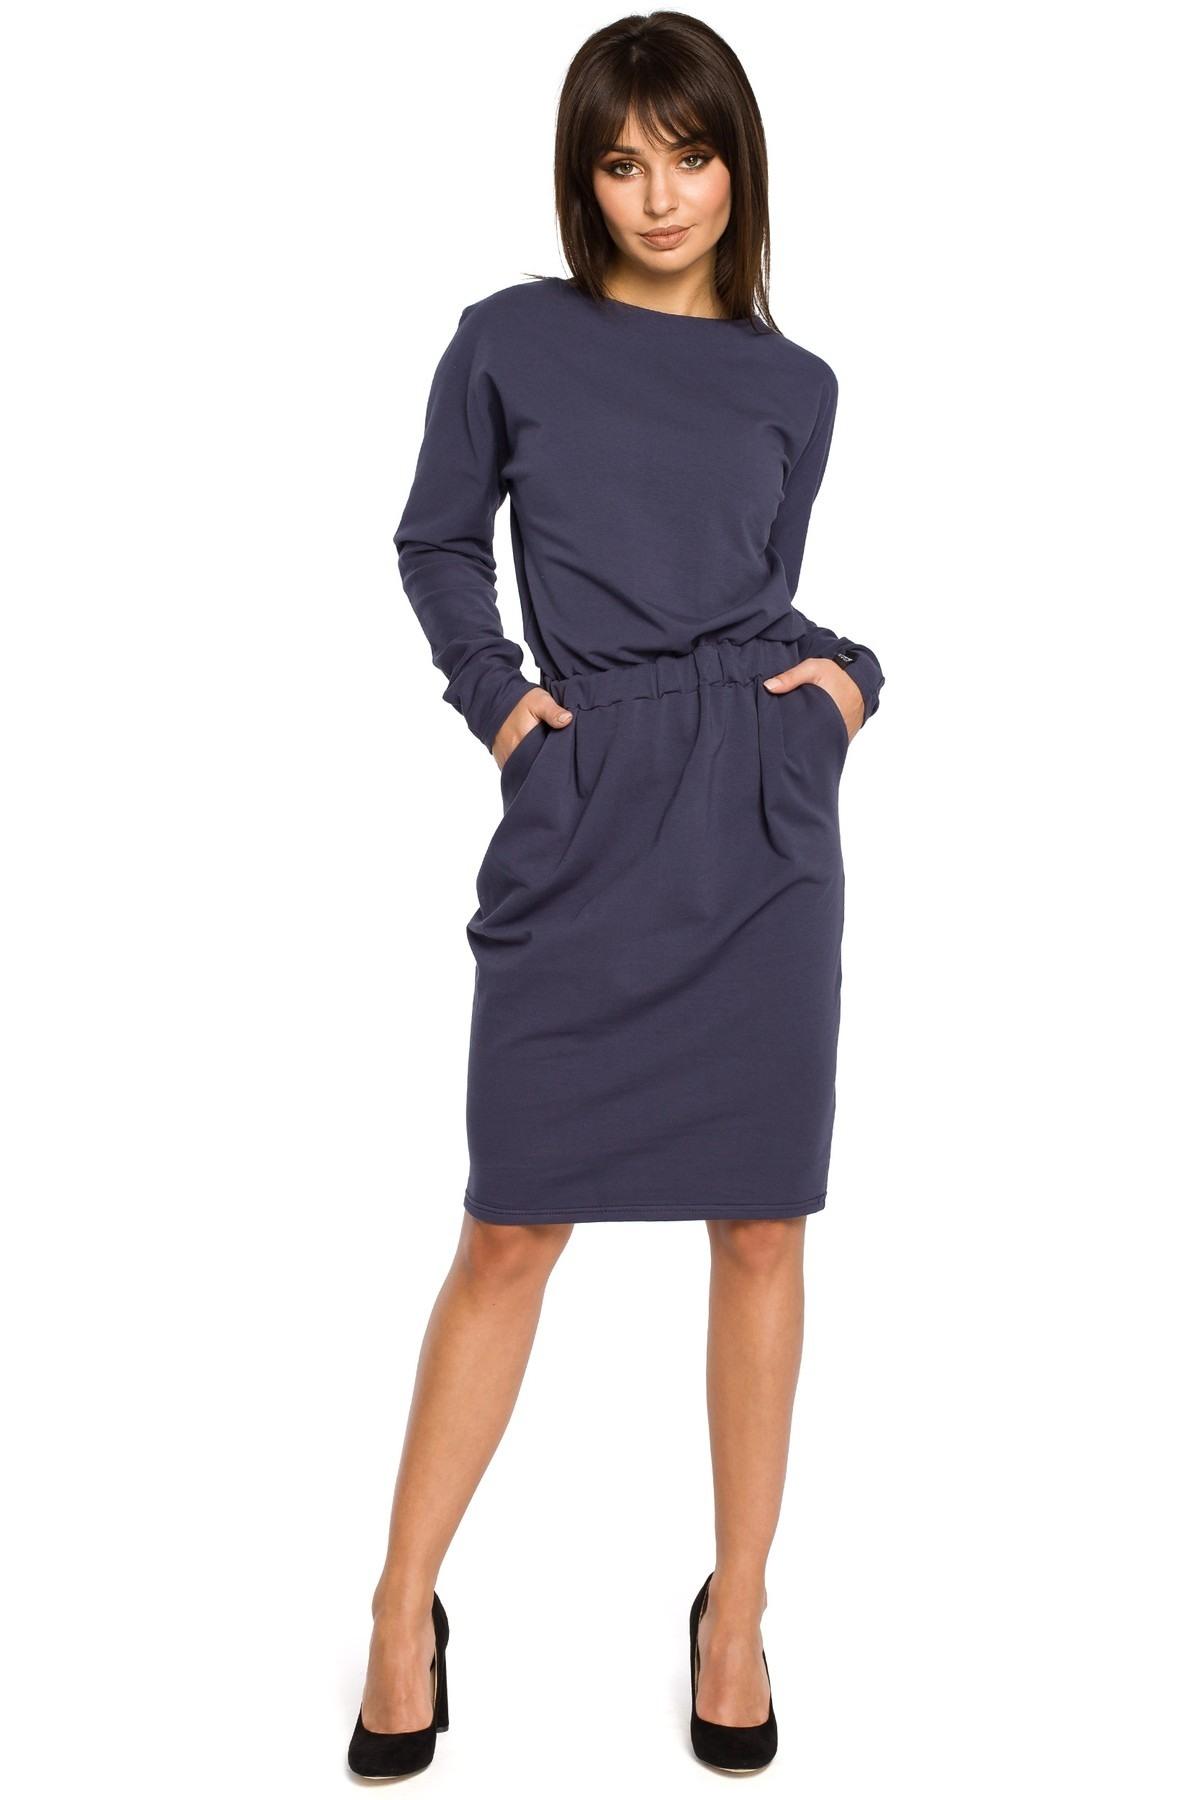 20 Einfach Kleid Mit Ärmeln GalerieFormal Schön Kleid Mit Ärmeln Bester Preis